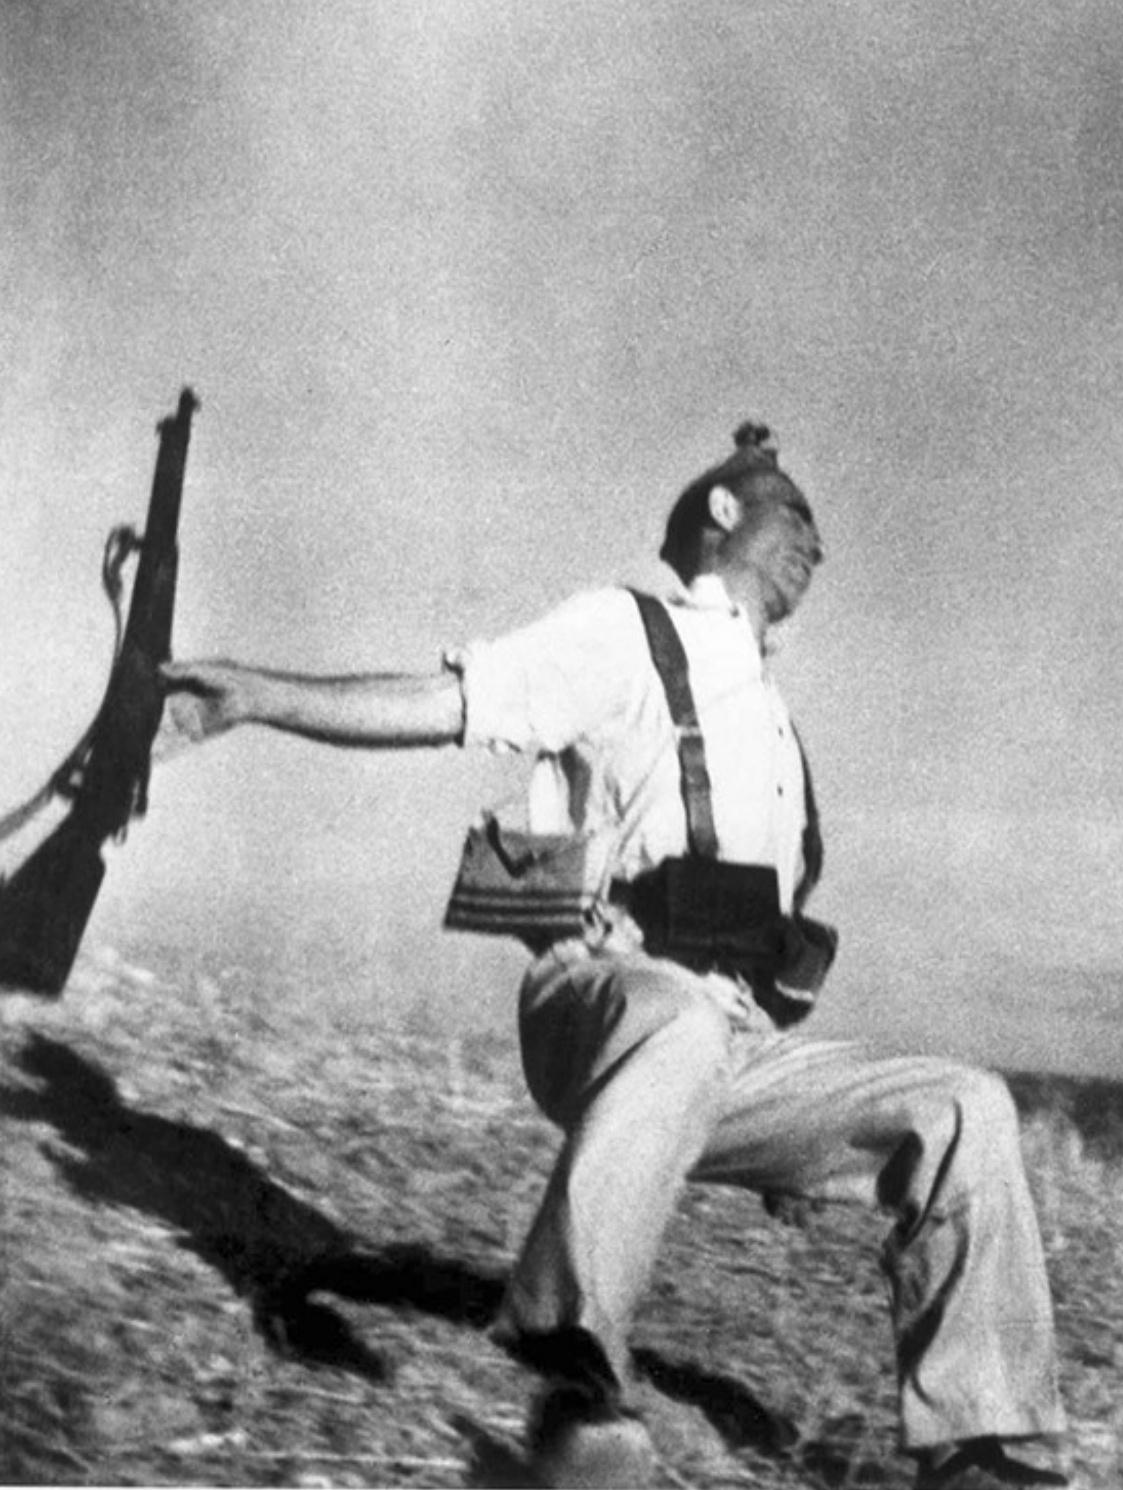 Mort d'un milicià, Robert Capa, 1936